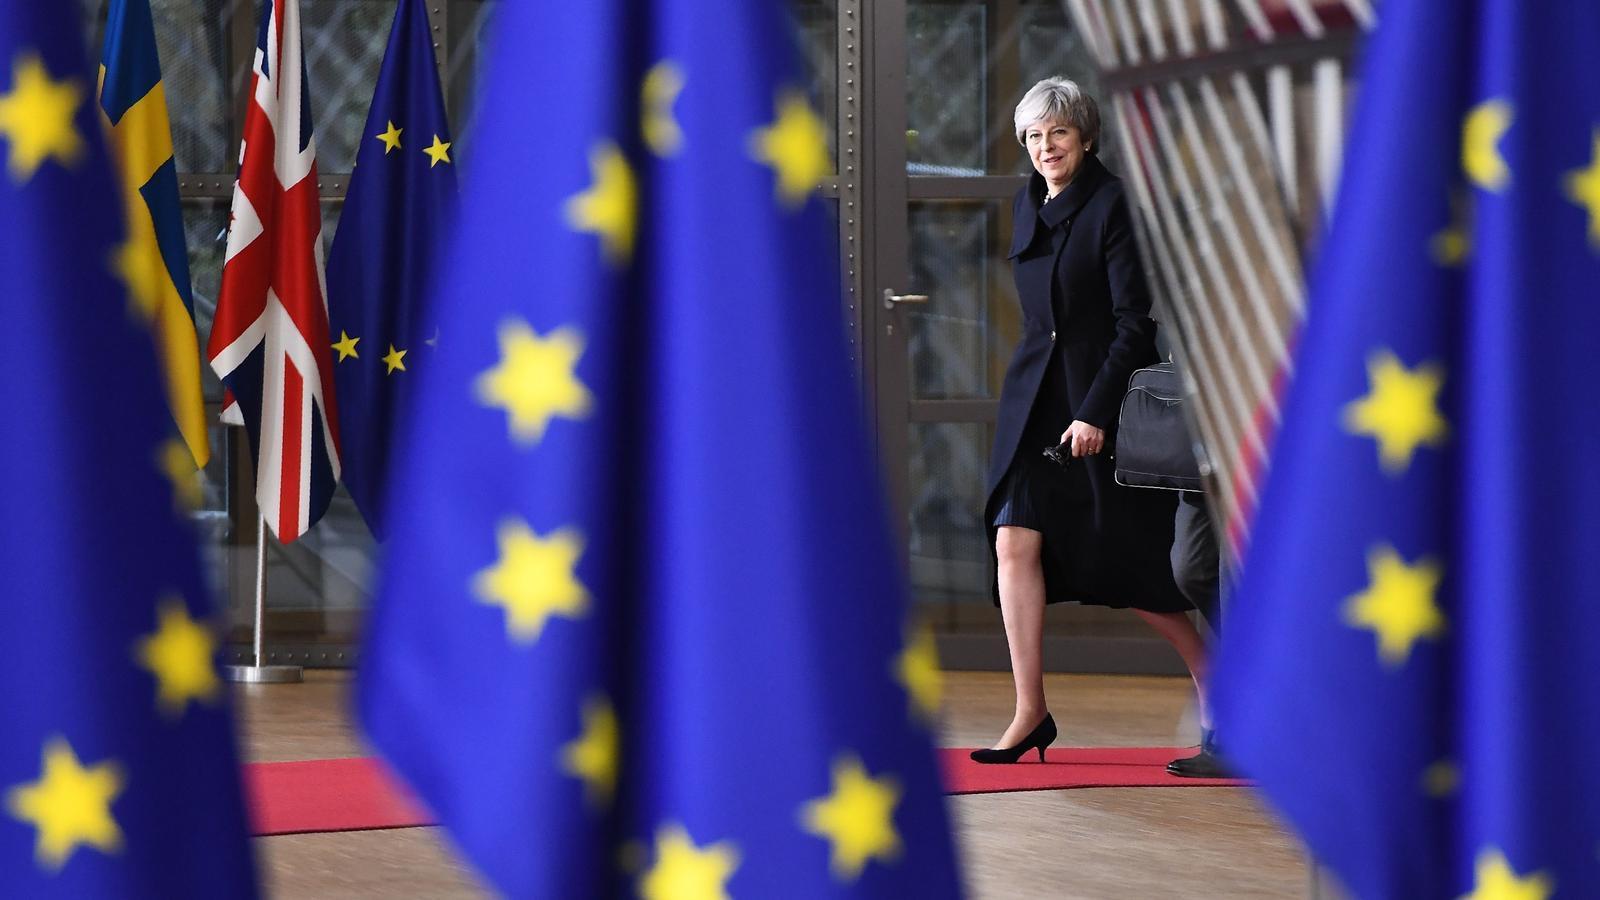 Un acord comercial entre la UE i Londres impossible de negociar